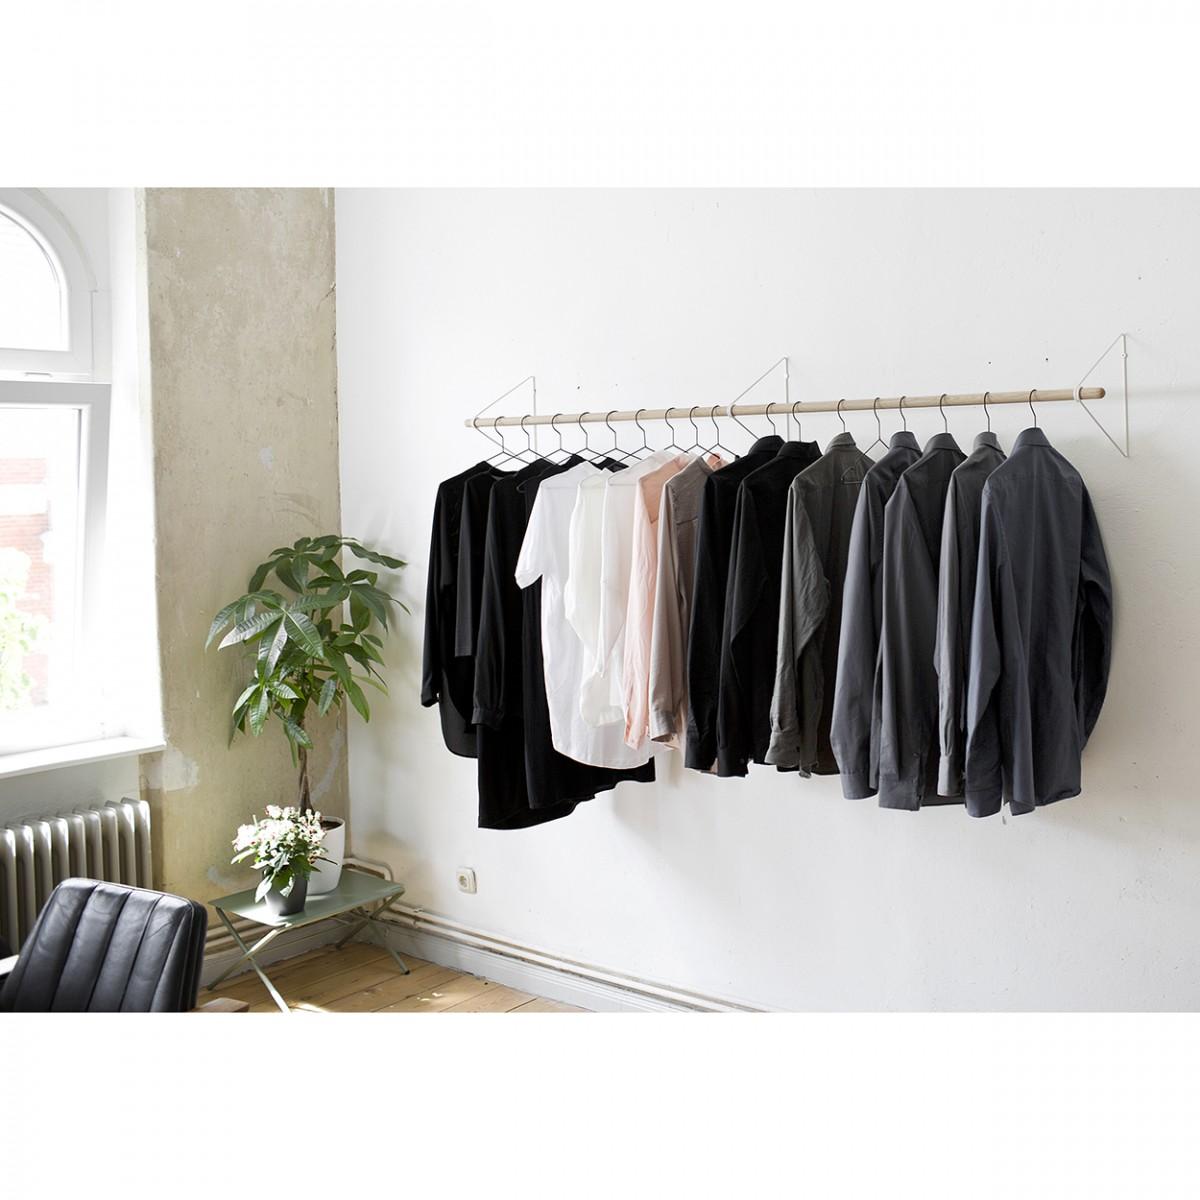 SPRING Garderobensystem in Weiß, viele verschiedene Längen | Result Objects